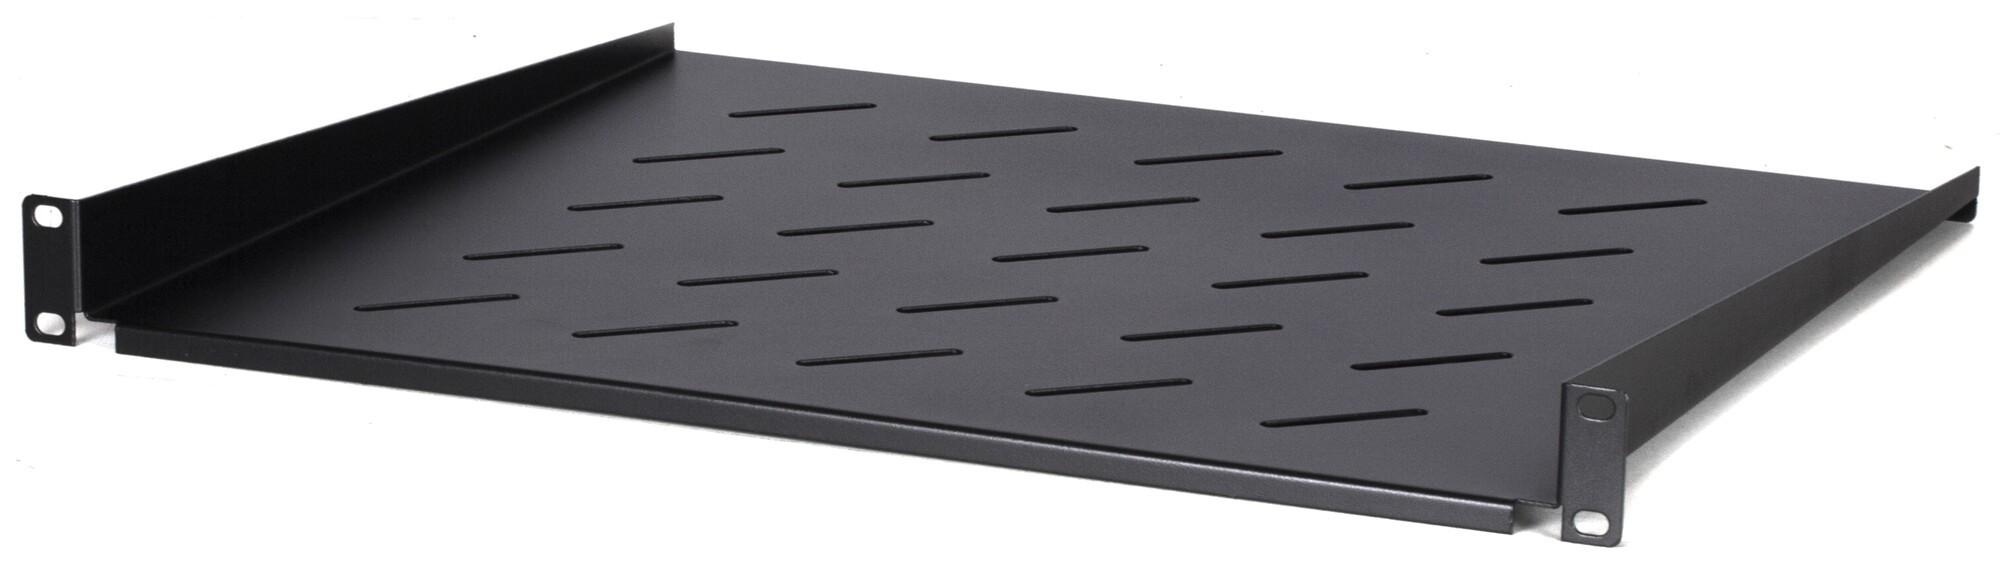 Afbeelding van 1U Legbord voor 600mm diepe wandkasten - 400mm diep (max. 6 kg)